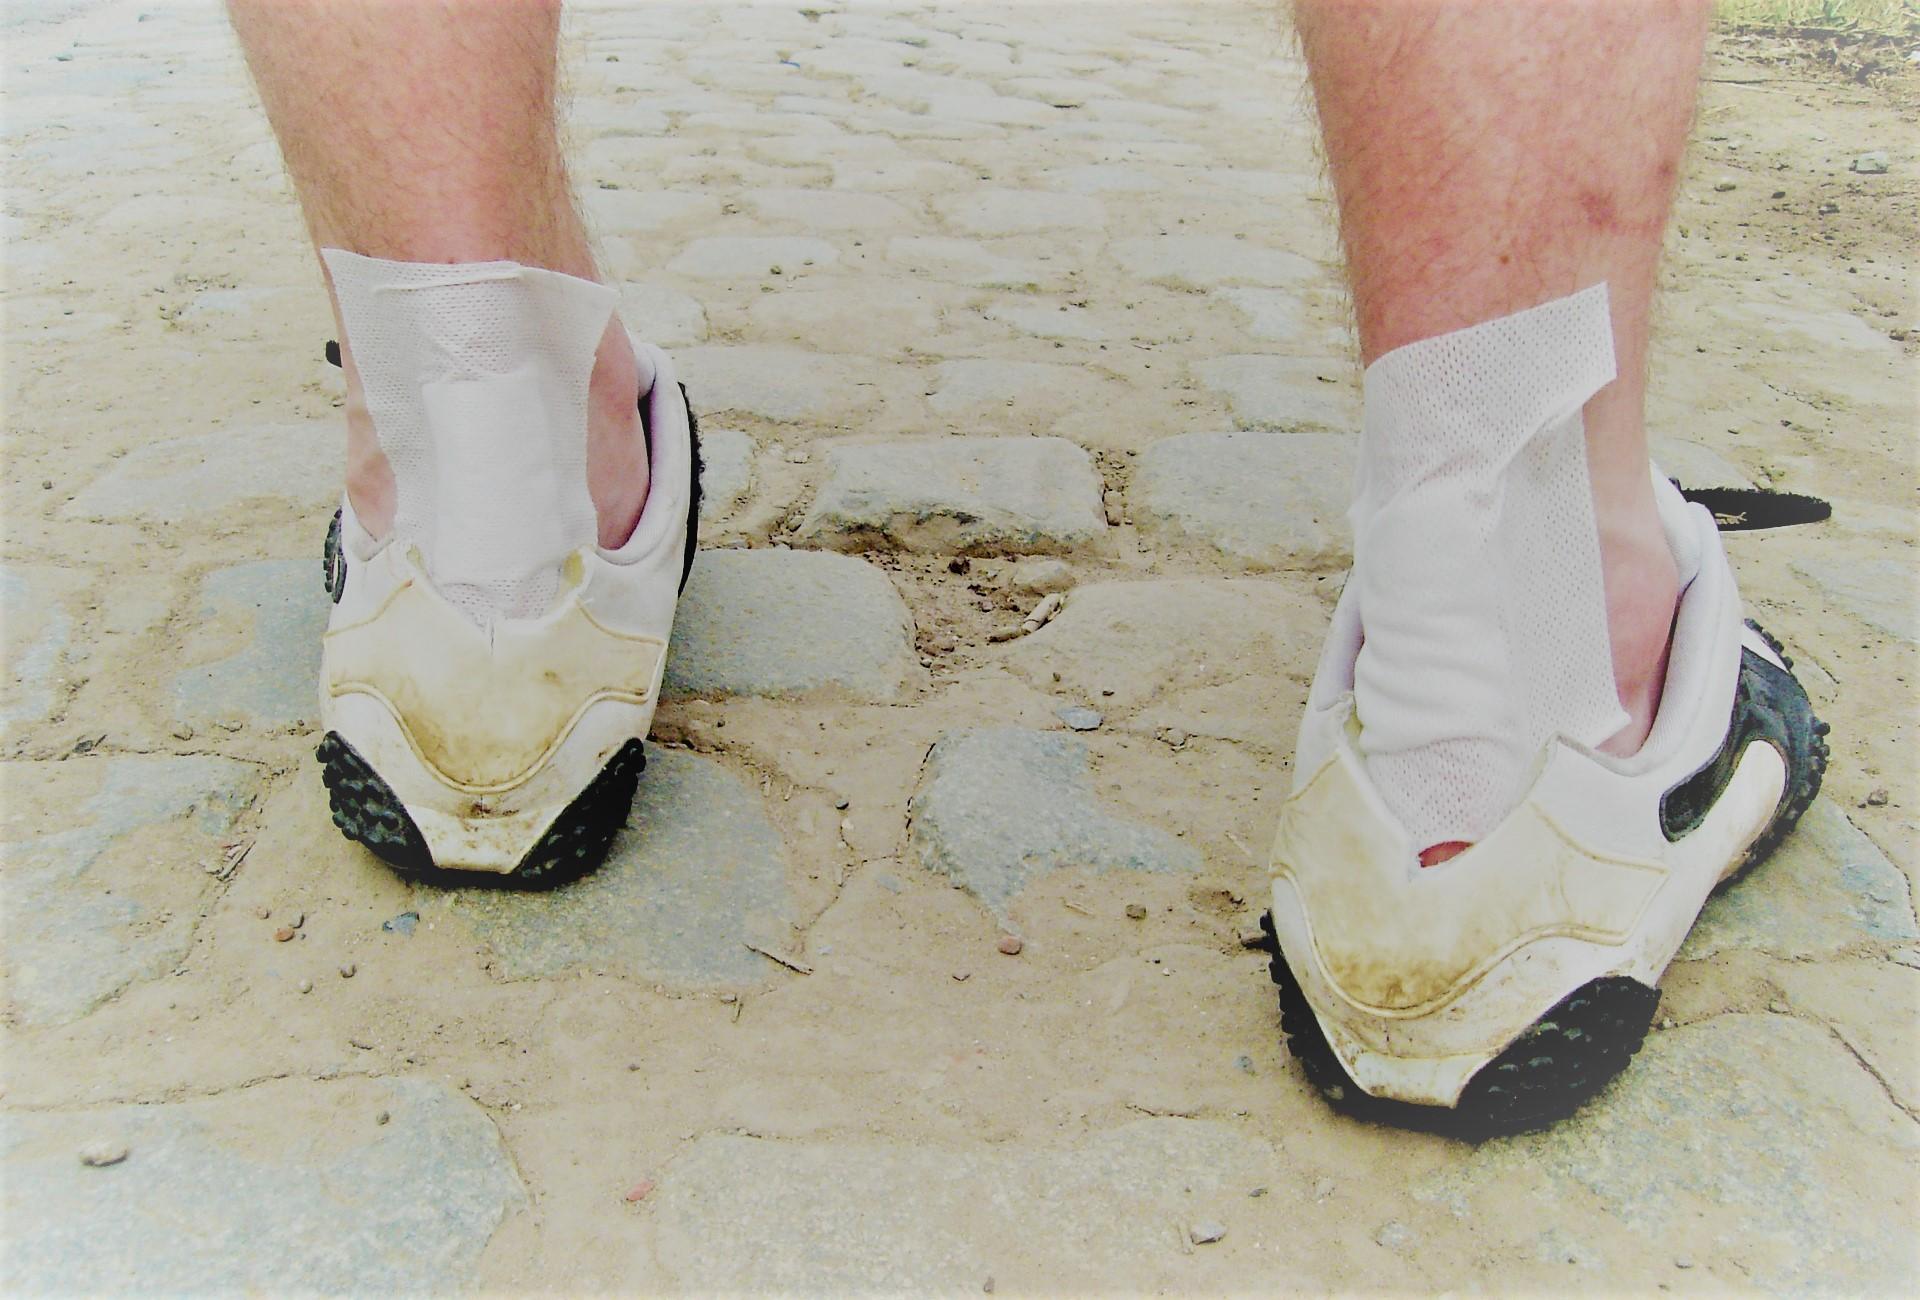 járási fájdalom az ízületek bal lábánál ízületi fájdalom fertőzések után